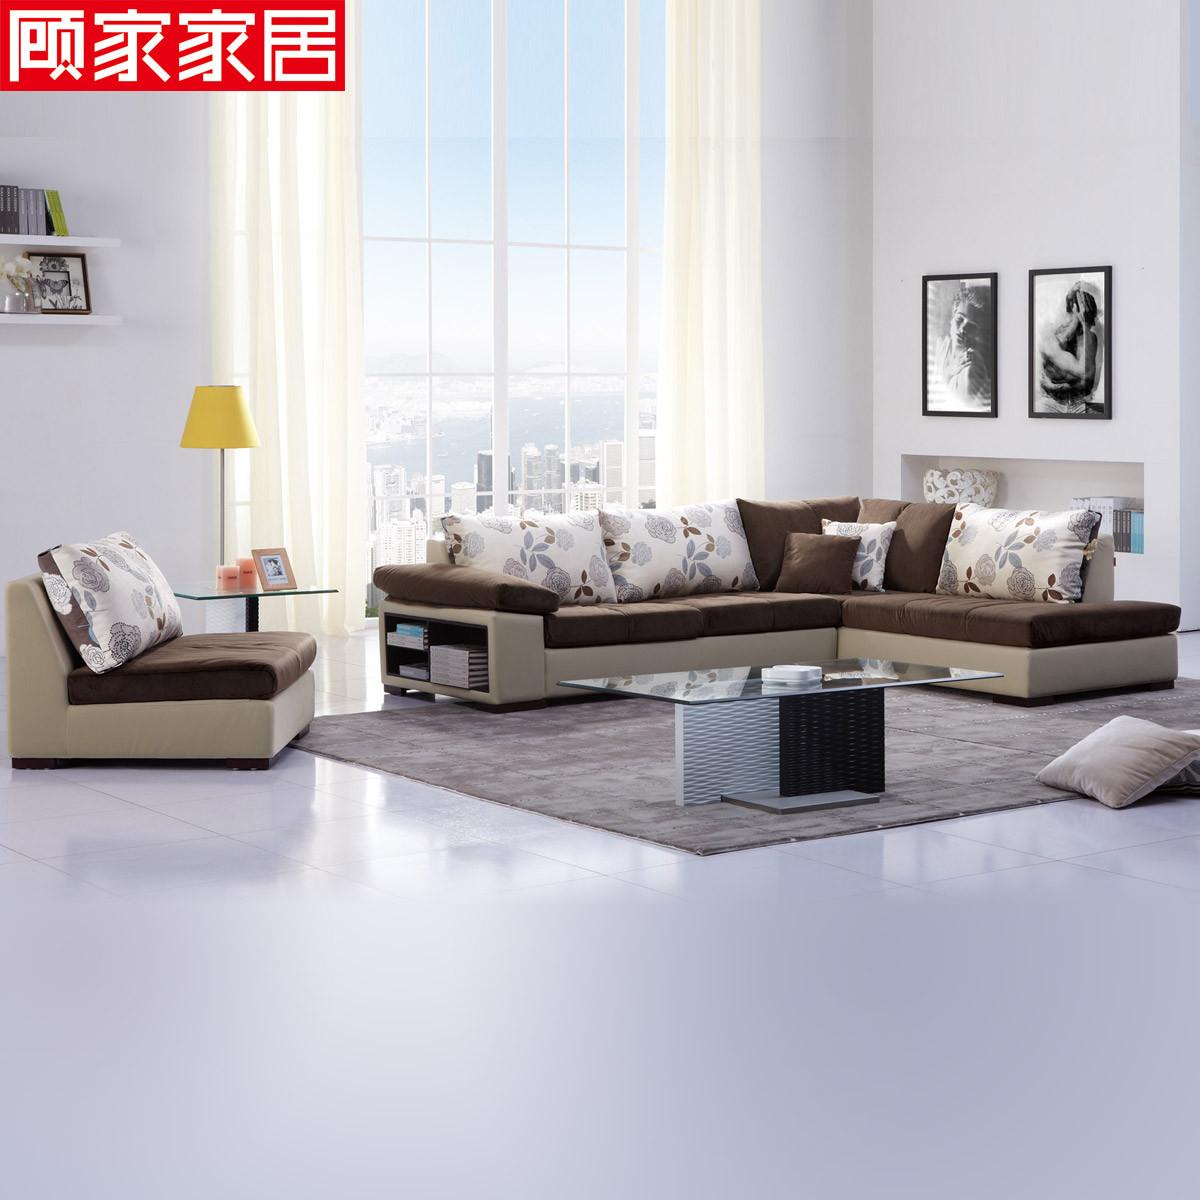 顾家家居沙发价格报价 型号 评价 怎么样 齐家网品牌库图片